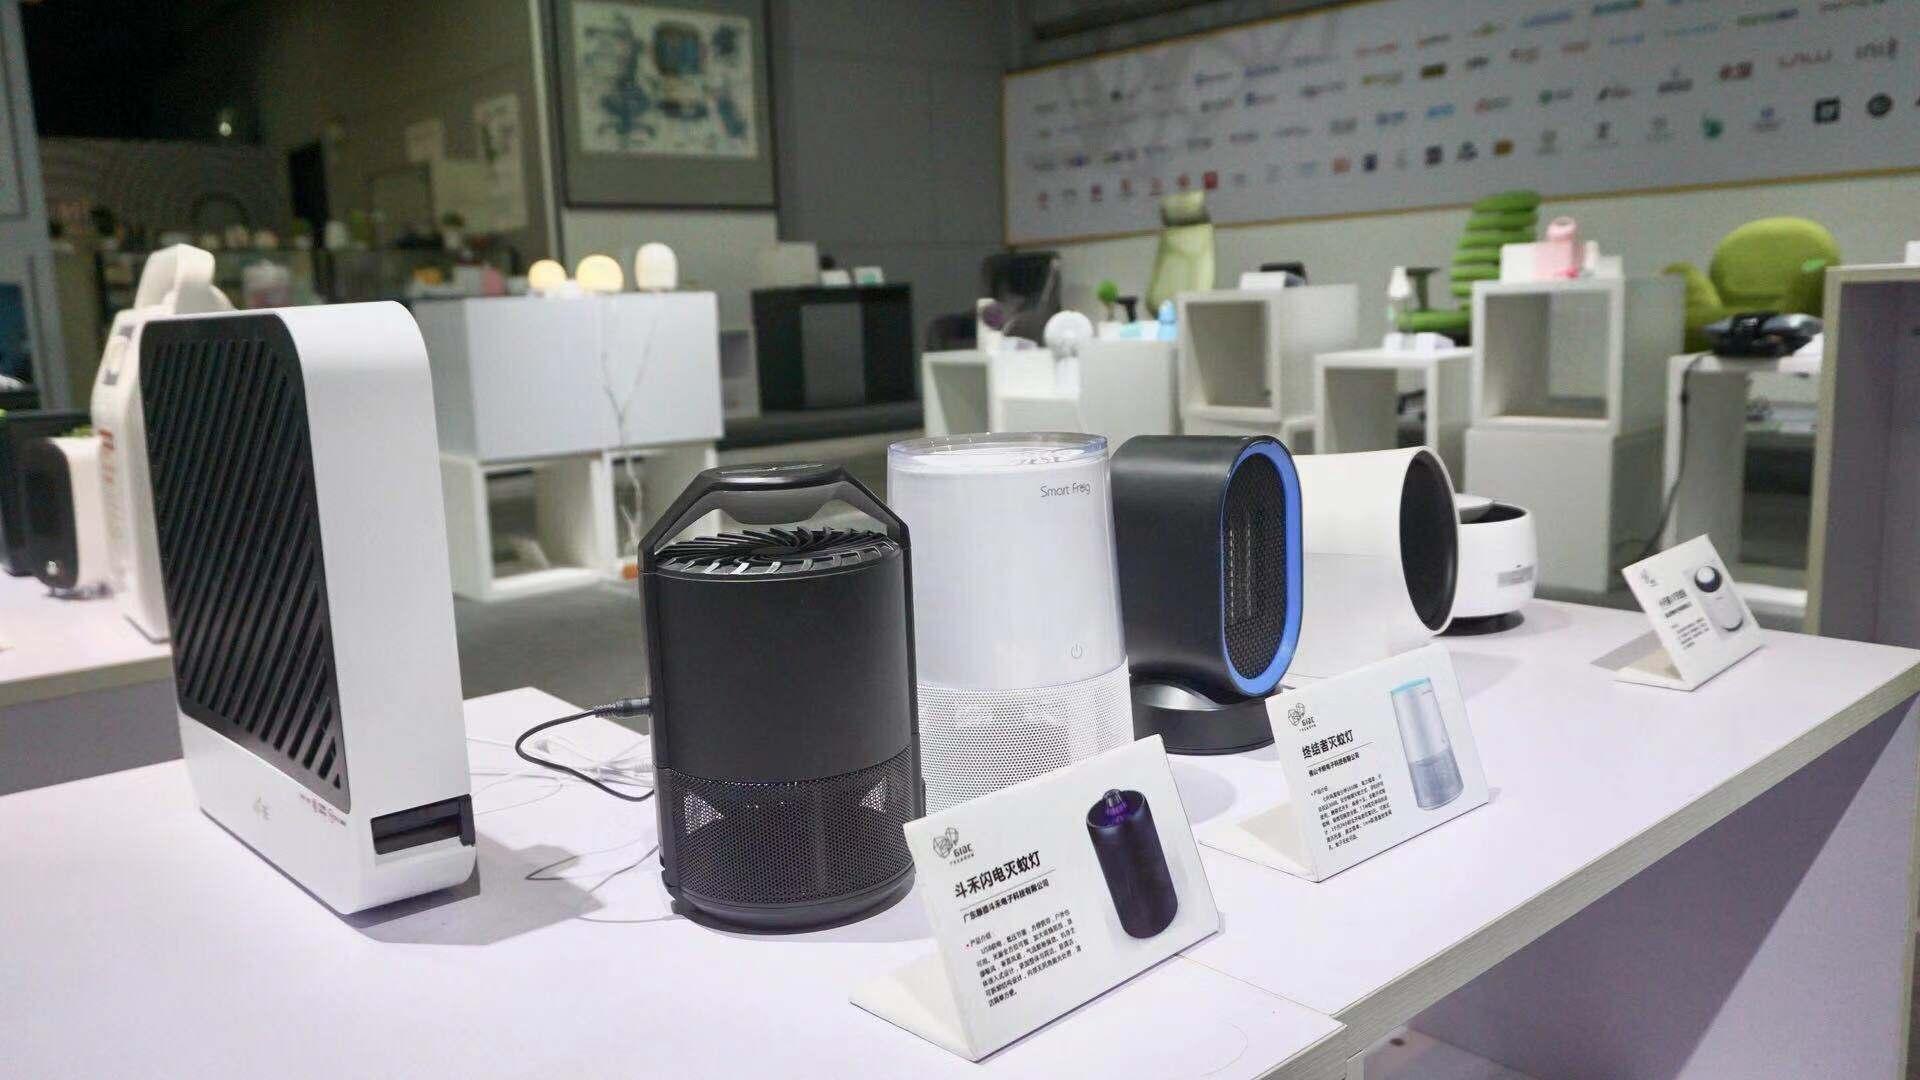 广州工业设计城的设计产品展示.全森 摄